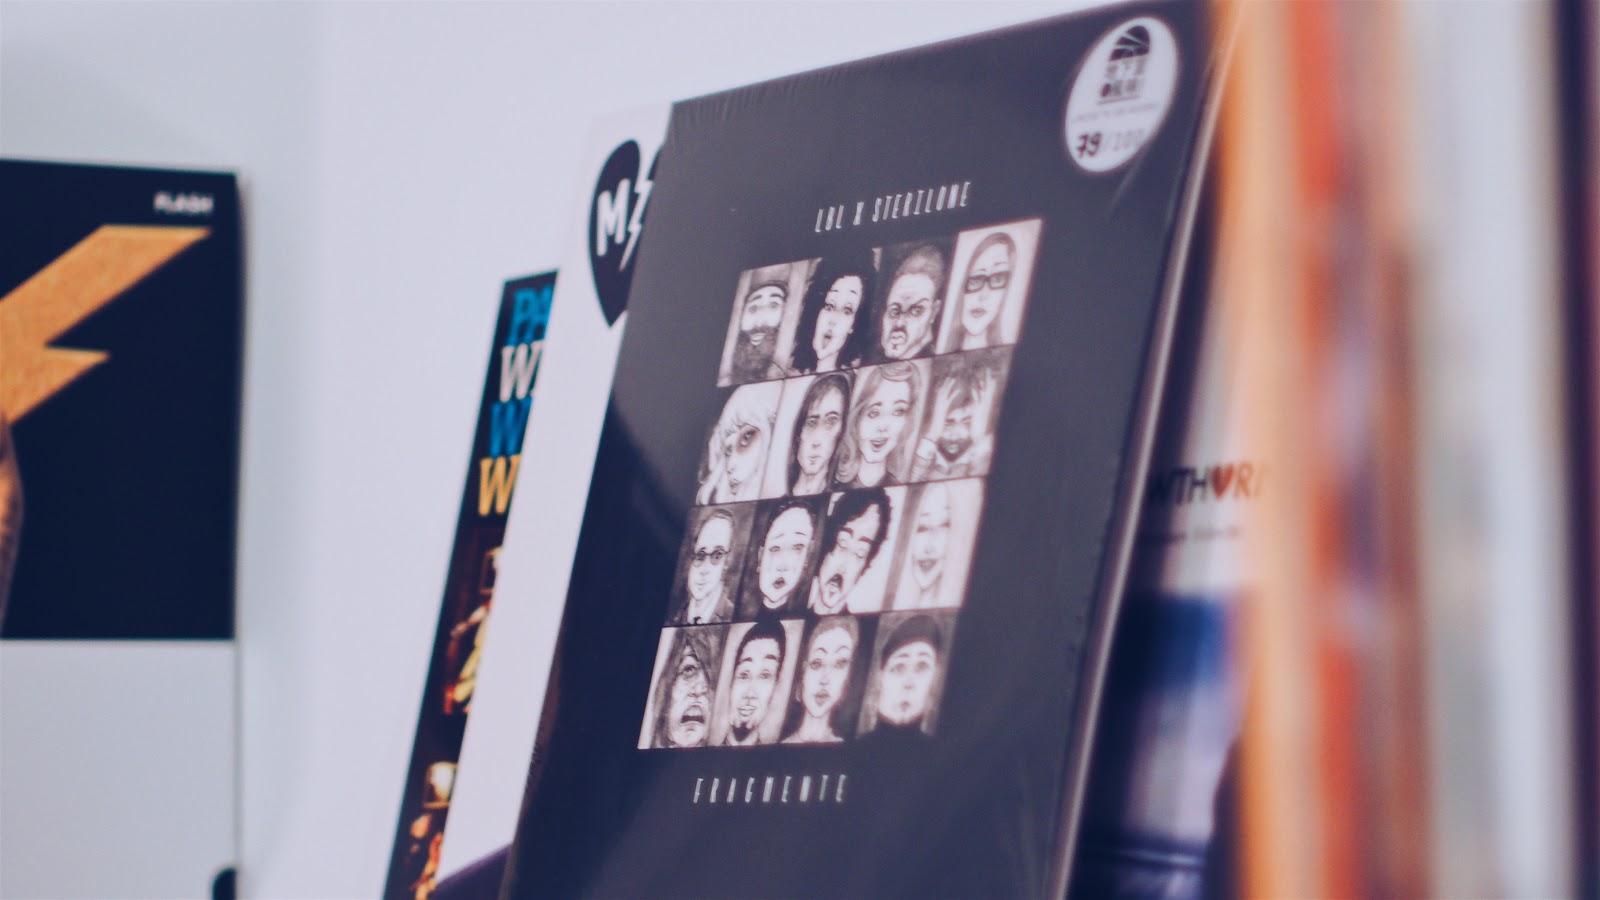 FRAGMENTE von LBL x STERILONE Vinyl